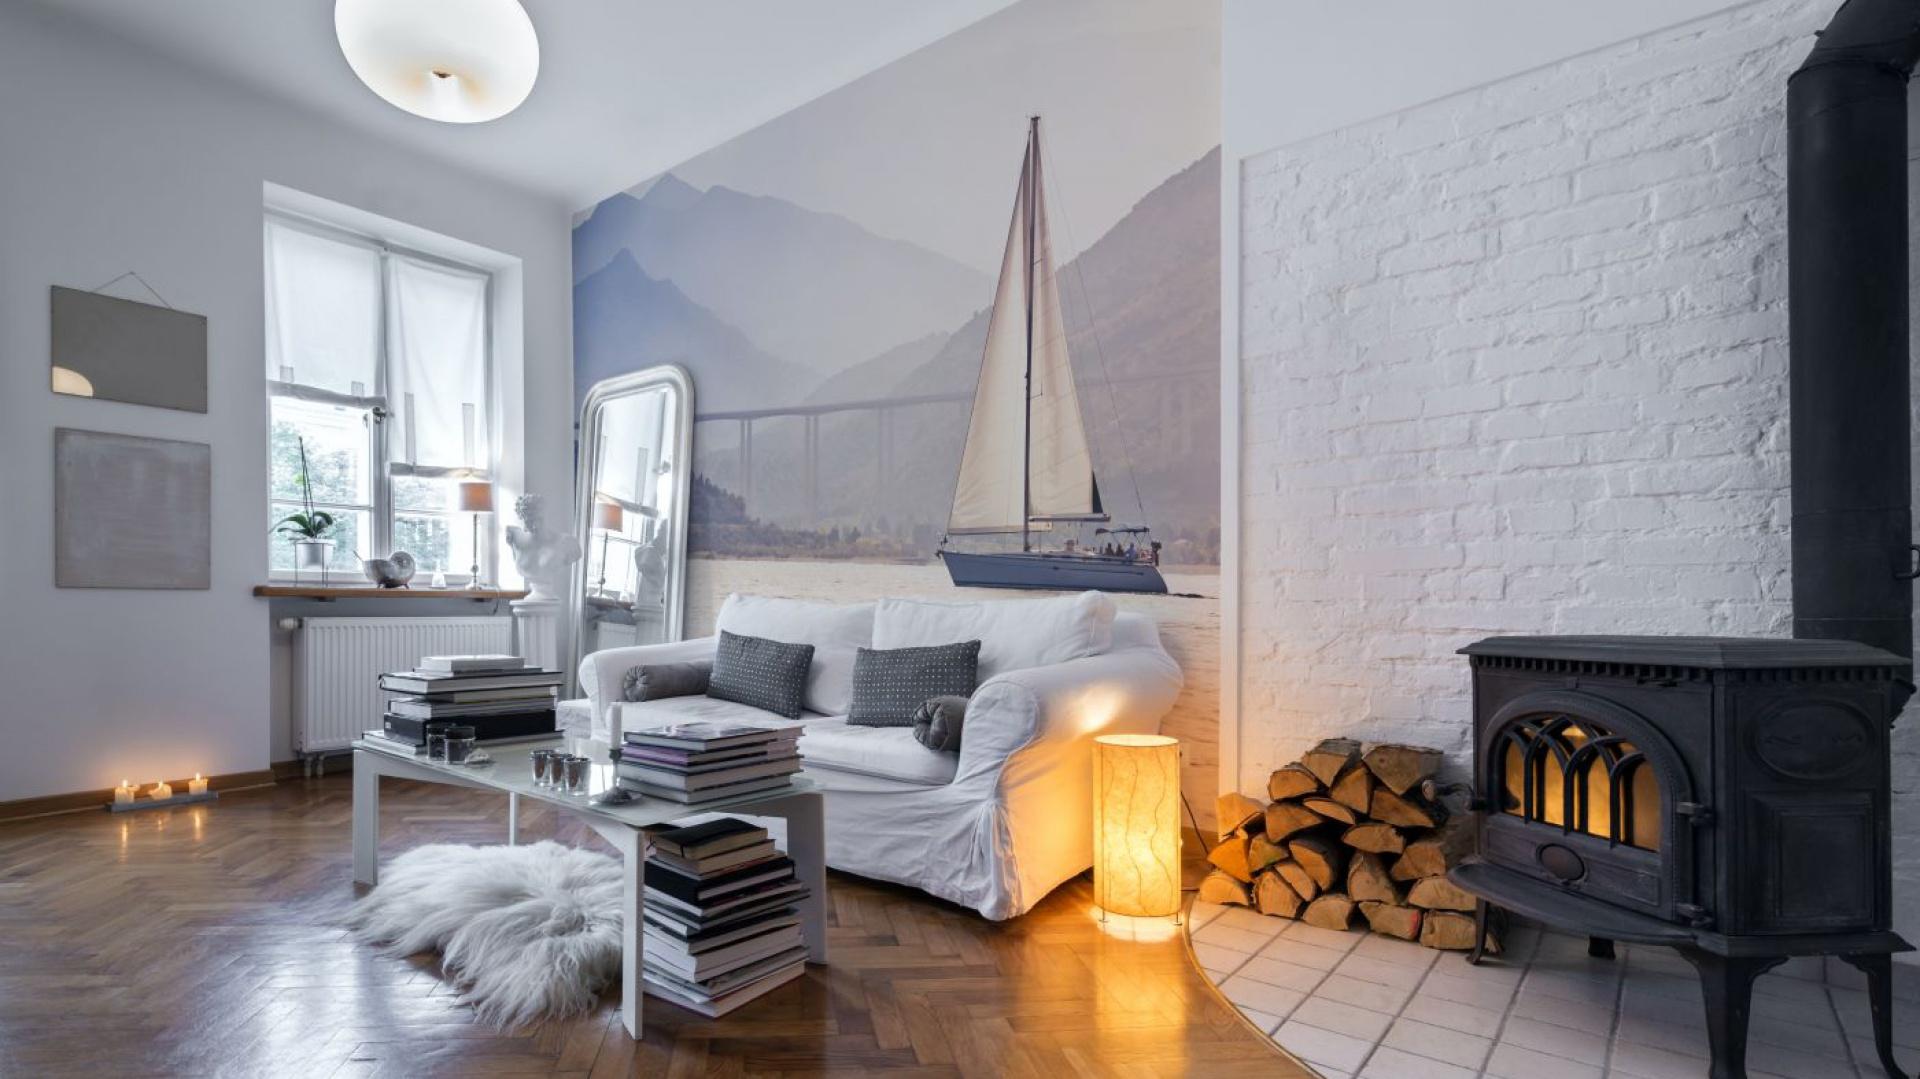 Na ścianie za kanapą widoczna jest panorama jeziora z płynącą po nim żaglówką. Kolorystyka fototapeta idealnie współgra ze skandynawską aranżacją wnętrza. Fot. Big-trix.